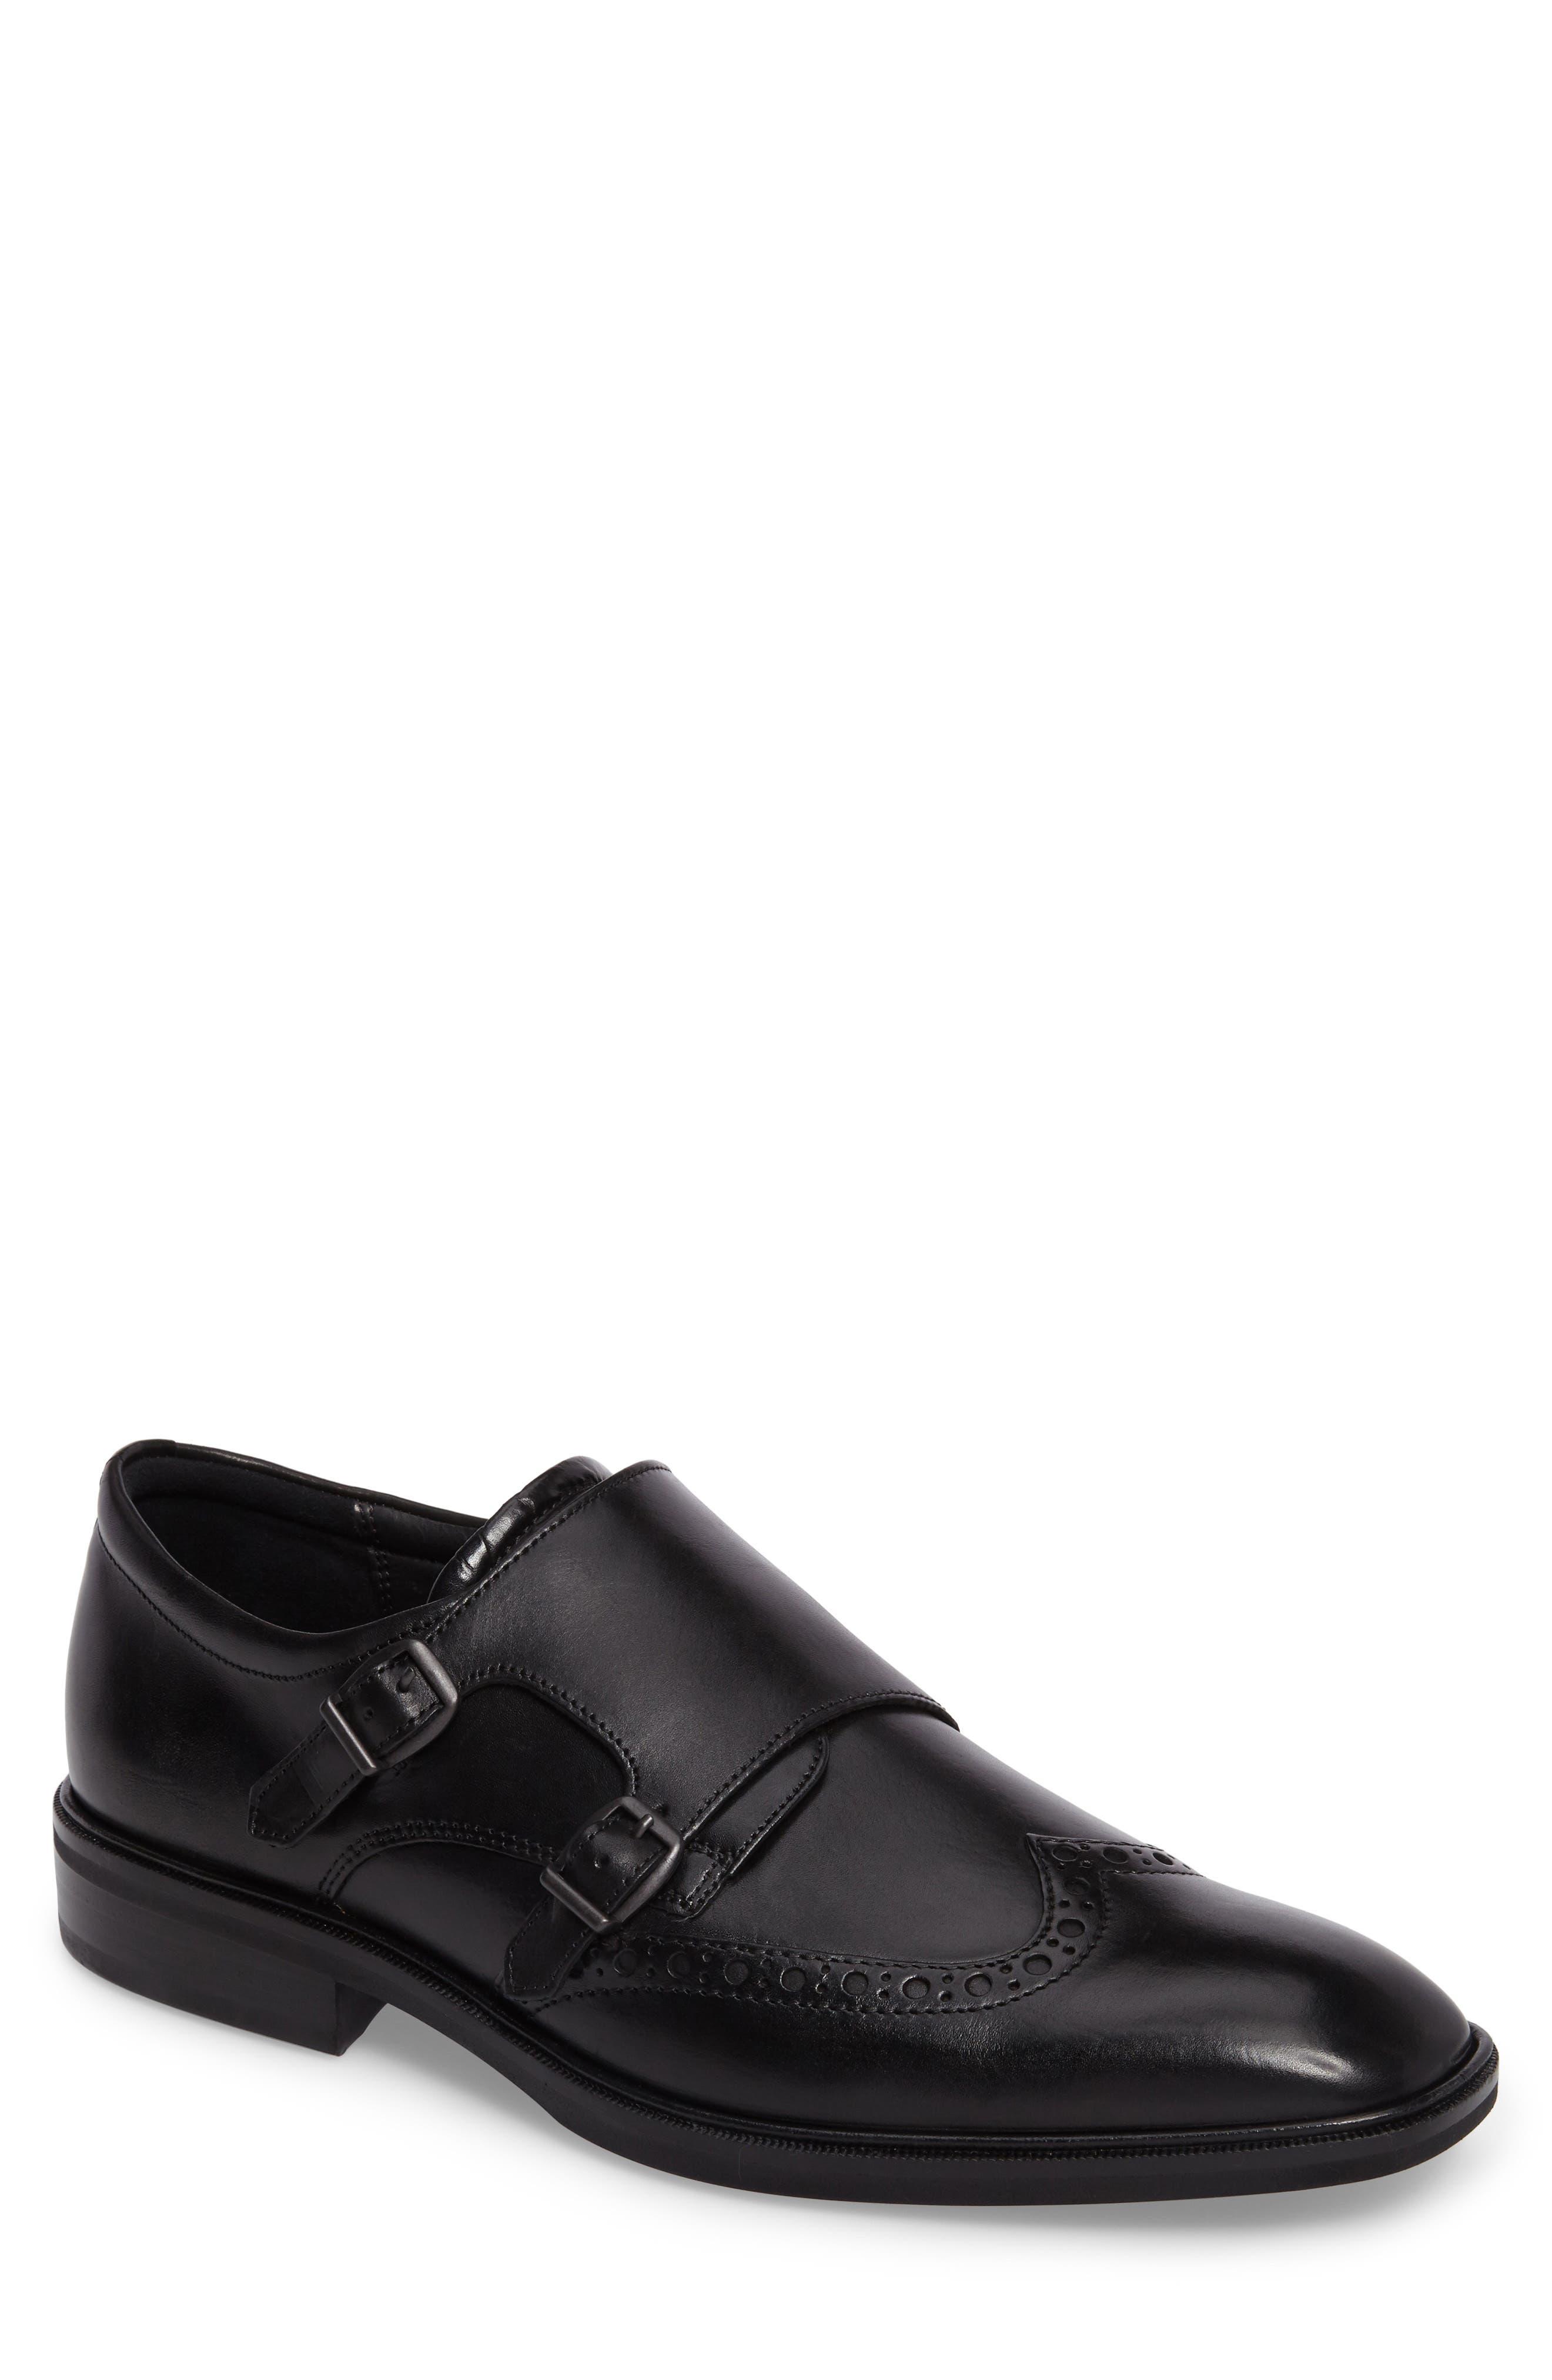 Illinois Double Monk Strap Shoe,                         Main,                         color, Black Leather